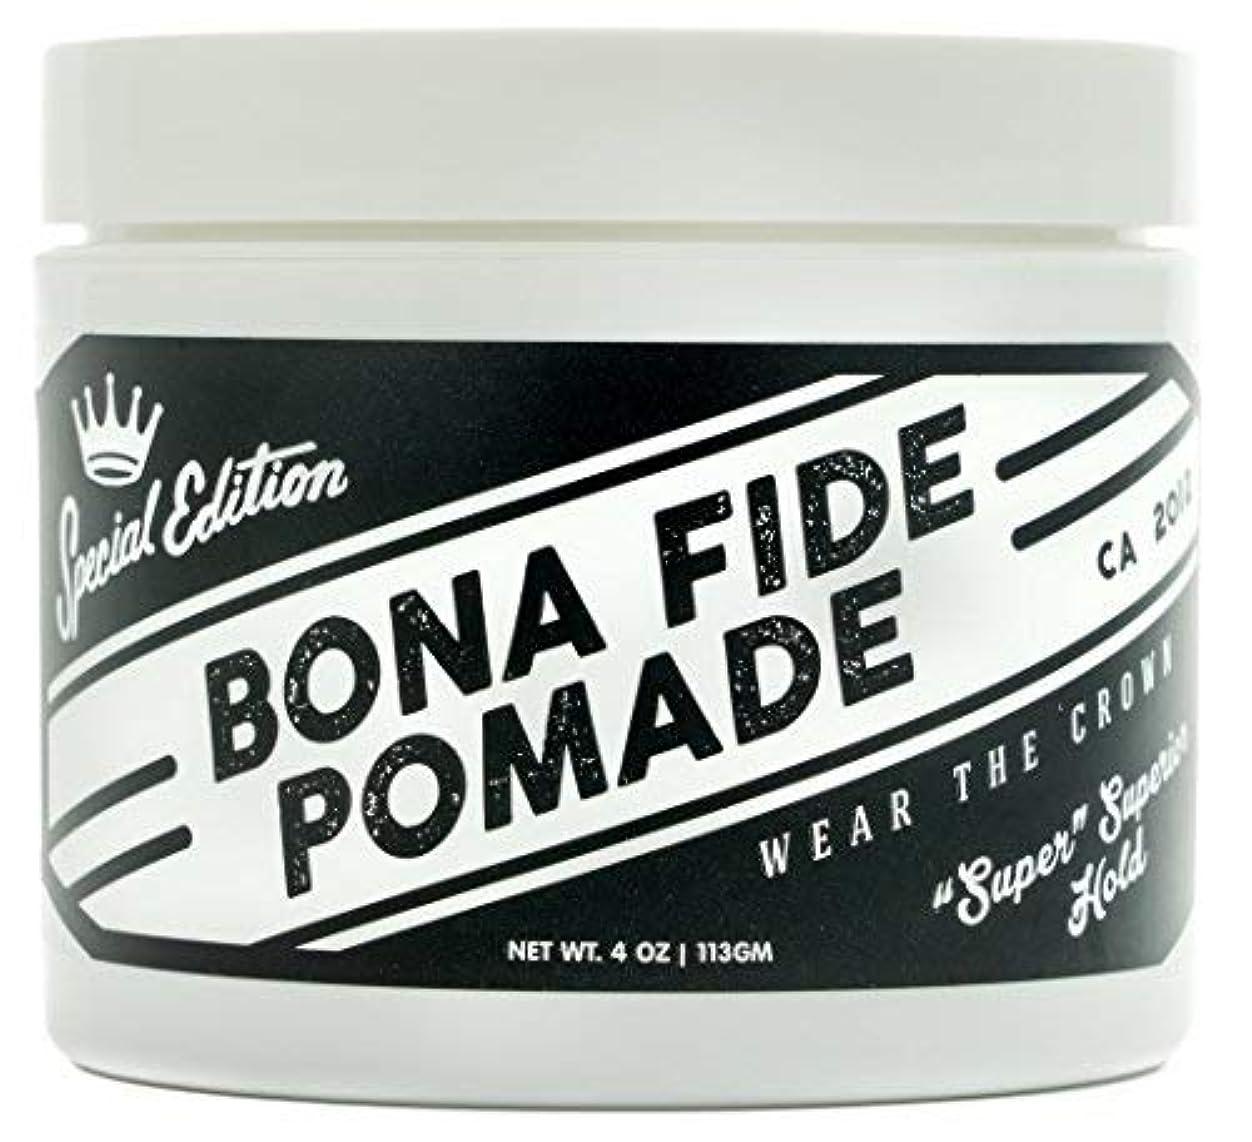 同意するかろうじて広範囲にBona Fide Pomade, スーパースーペリアホールドSE, 4OZ (113g)、水性ポマード/ヘアー グリース (整髪料)